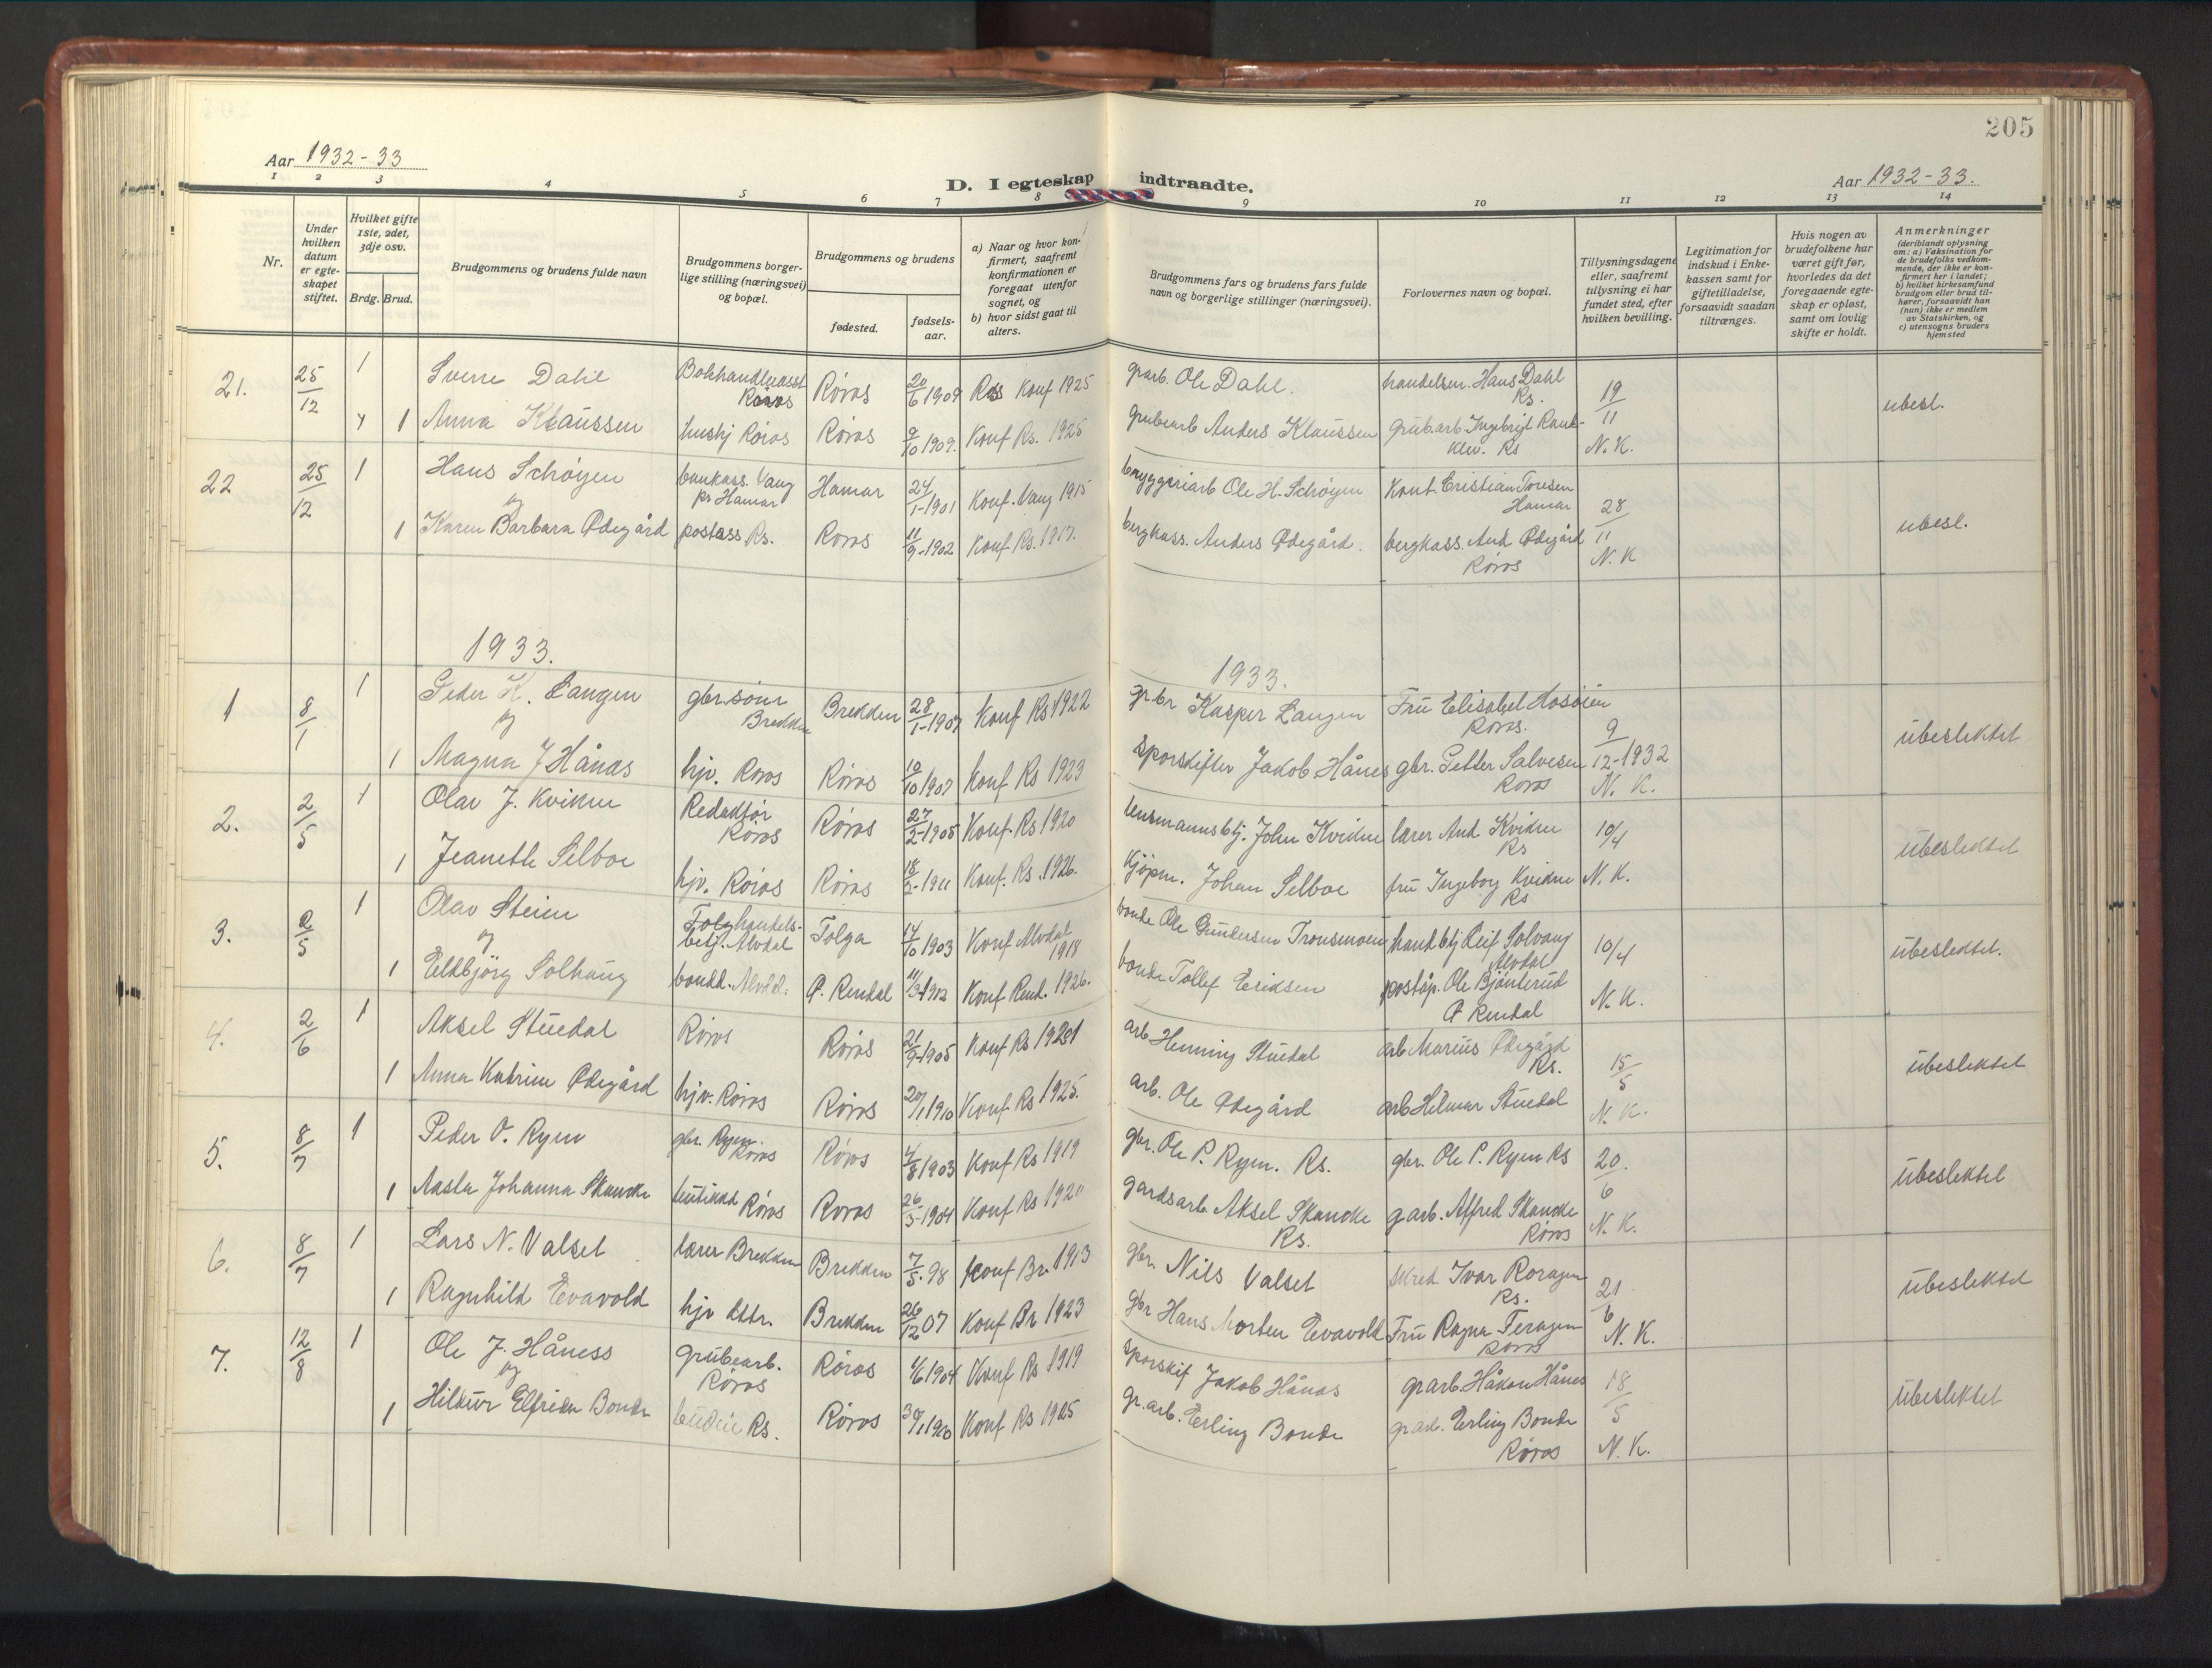 SAT, Ministerialprotokoller, klokkerbøker og fødselsregistre - Sør-Trøndelag, 681/L0943: Klokkerbok nr. 681C07, 1926-1954, s. 205